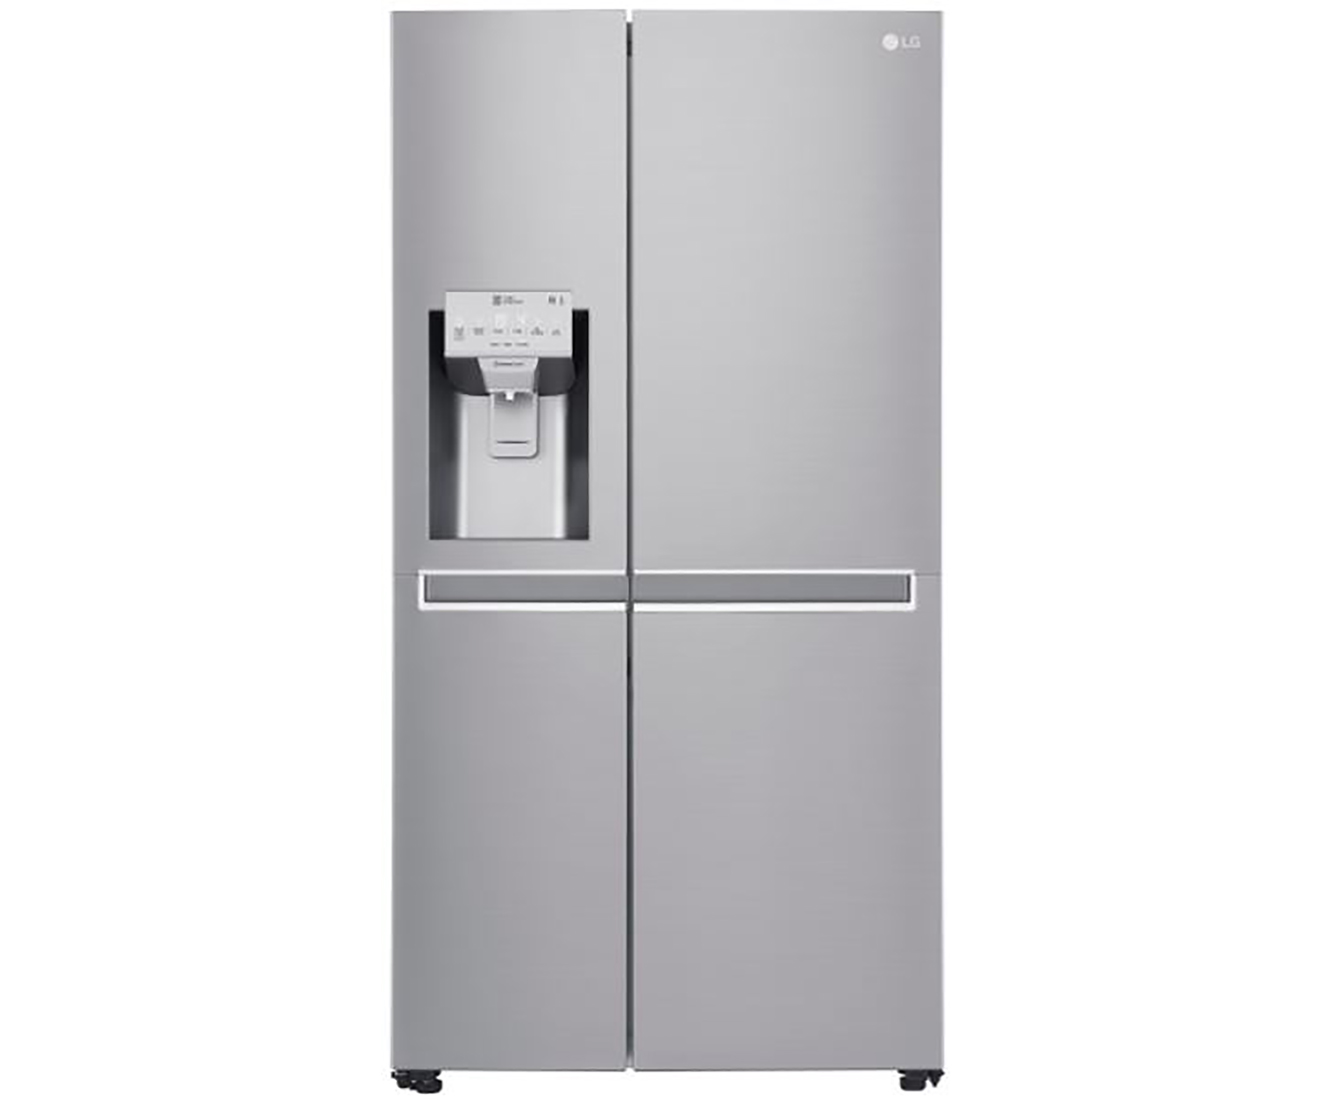 Lg Amerikanischer Kühlschrank Preis : Lg gsl 961 nebf amerikanischer side by side mit wasserspender 601l